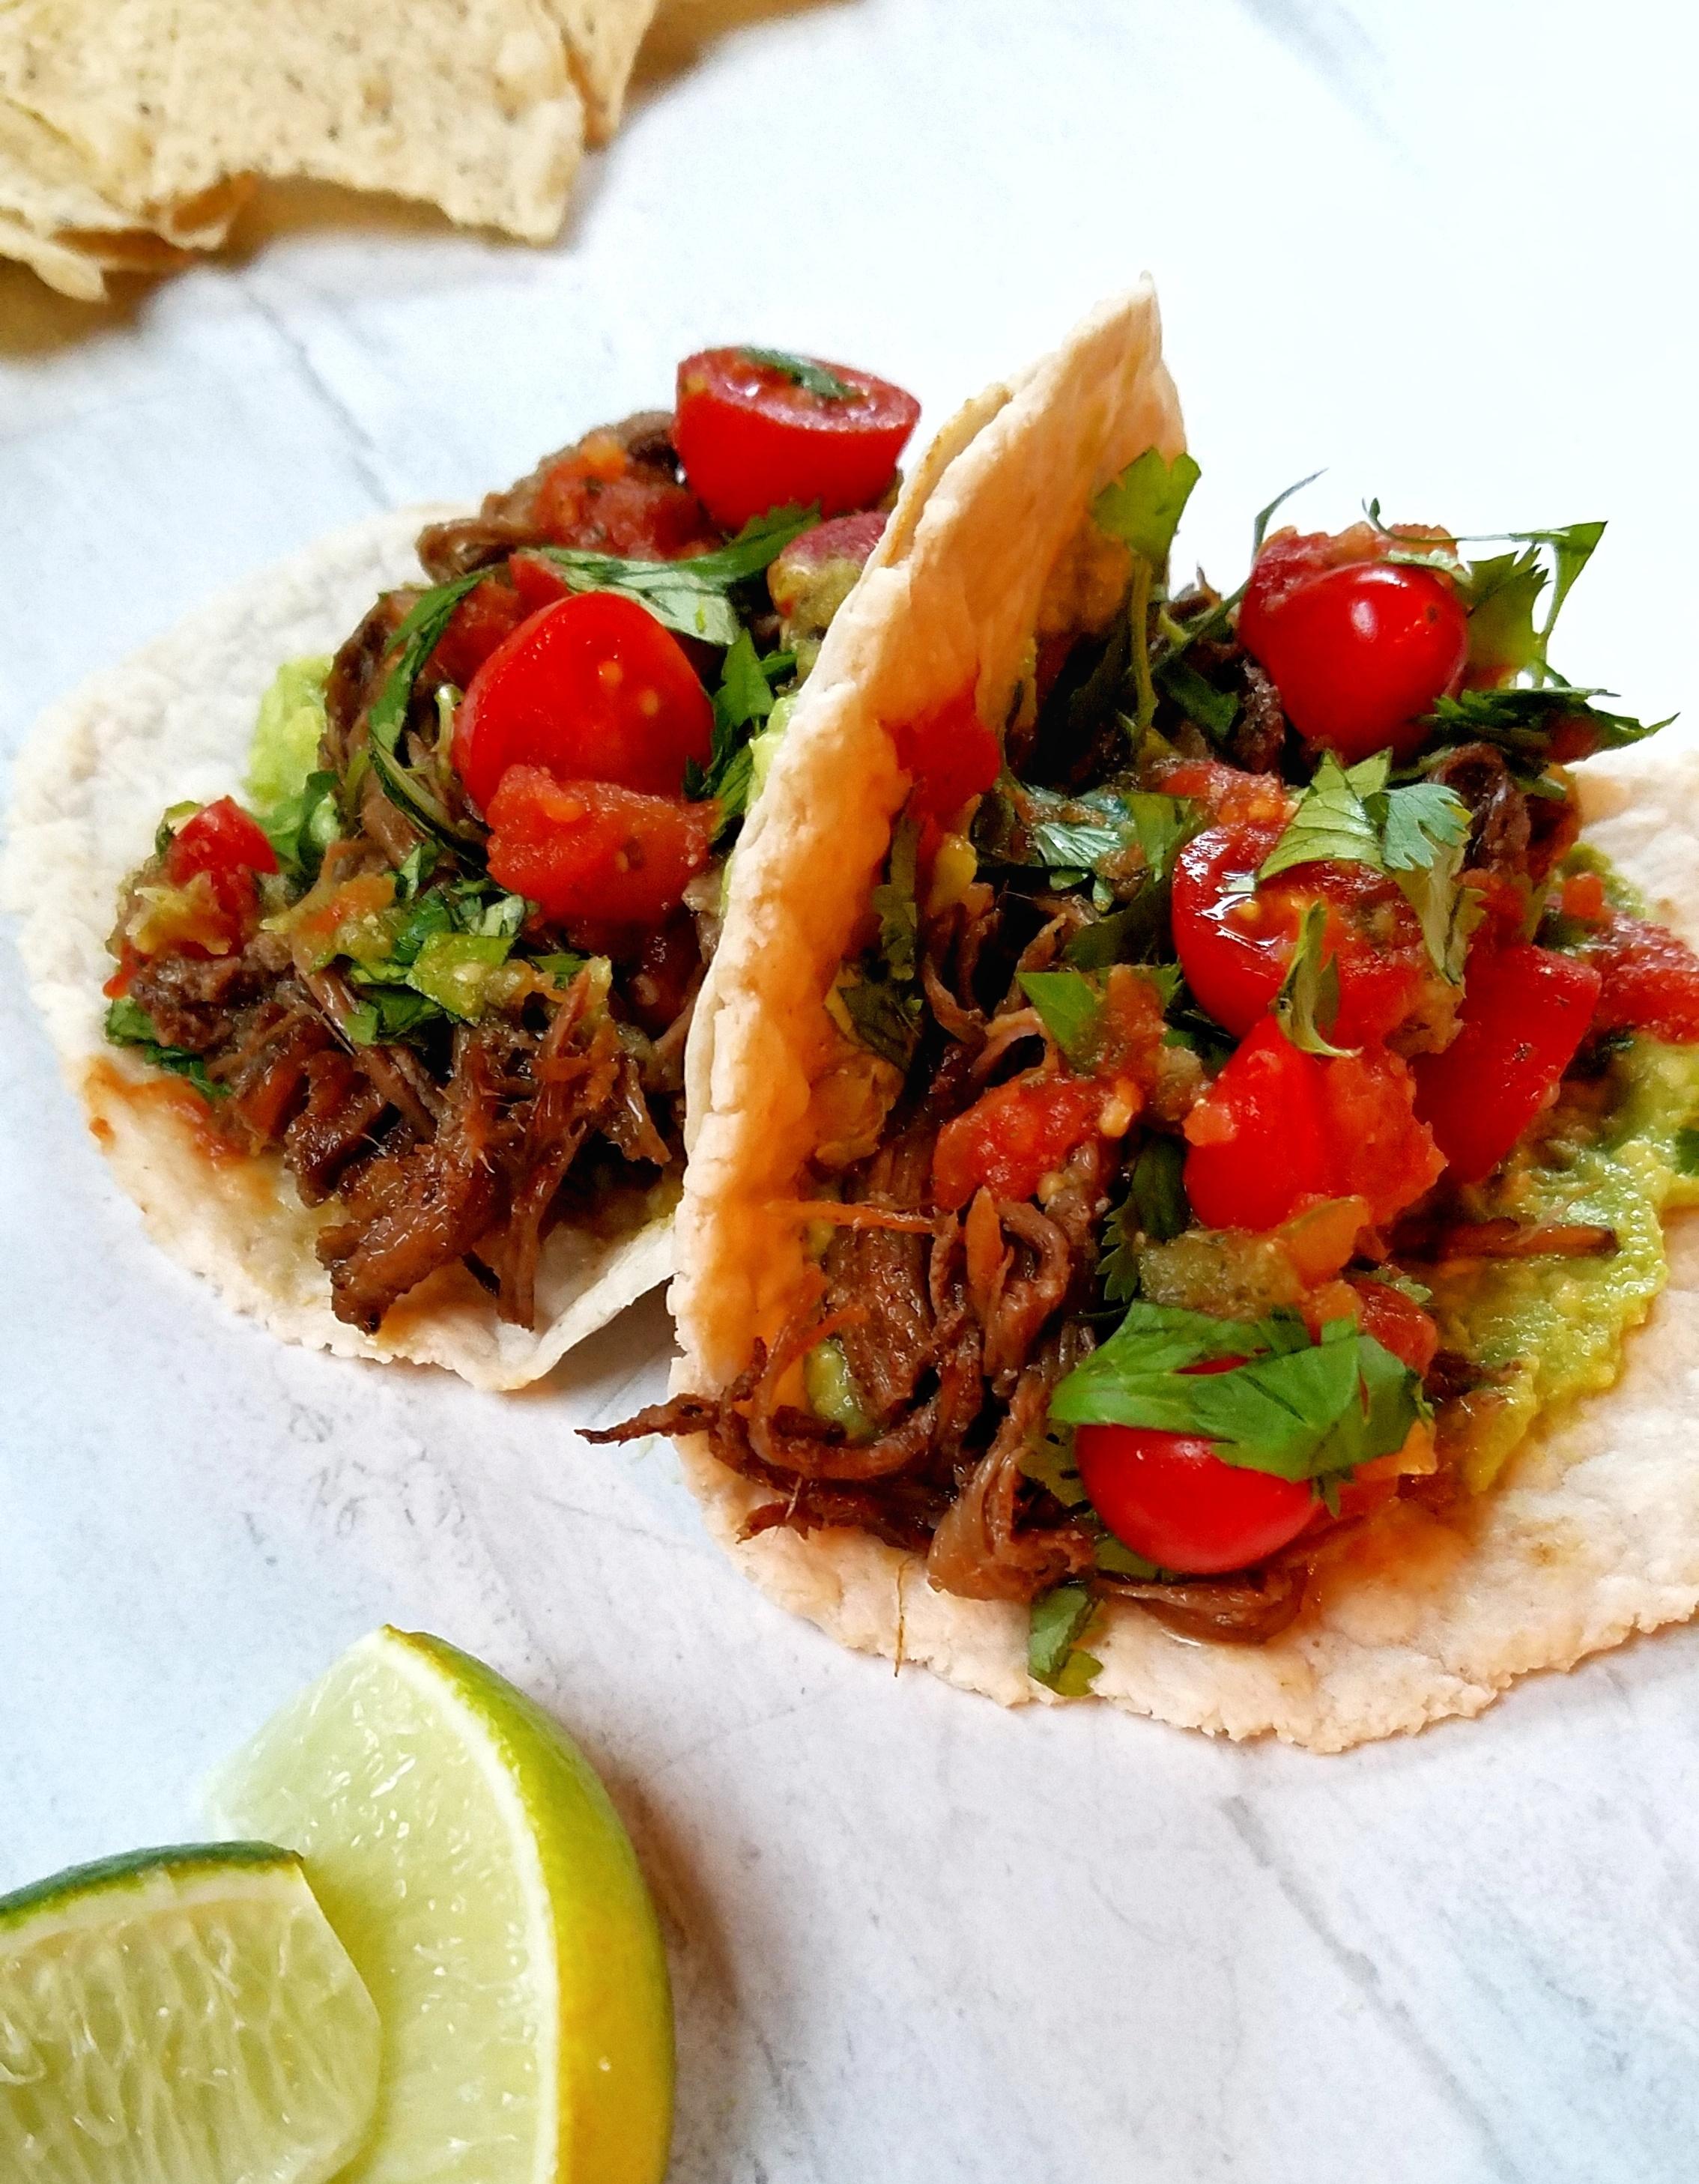 Grass-Fed Beef Slow Cooker Carnitas with Cassava Flour Tortillas